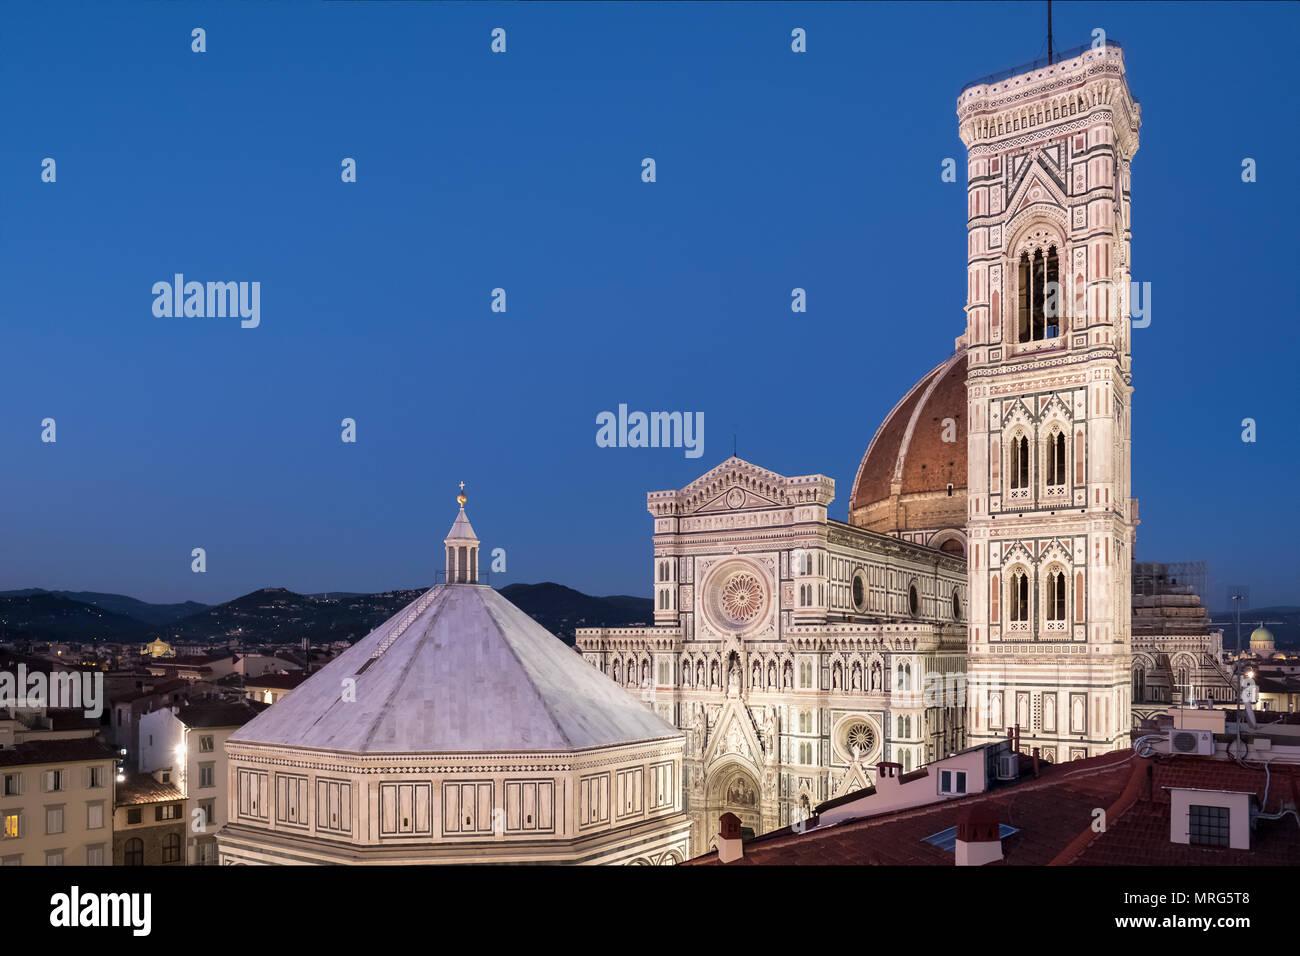 Battistero di San Giovanni, Cattedrale di Santa Maria del Fiore, Cupola del Brunelleachi, Campanile di Giotto, Florence, Tuscany, Italy, Europe, Stock Photo